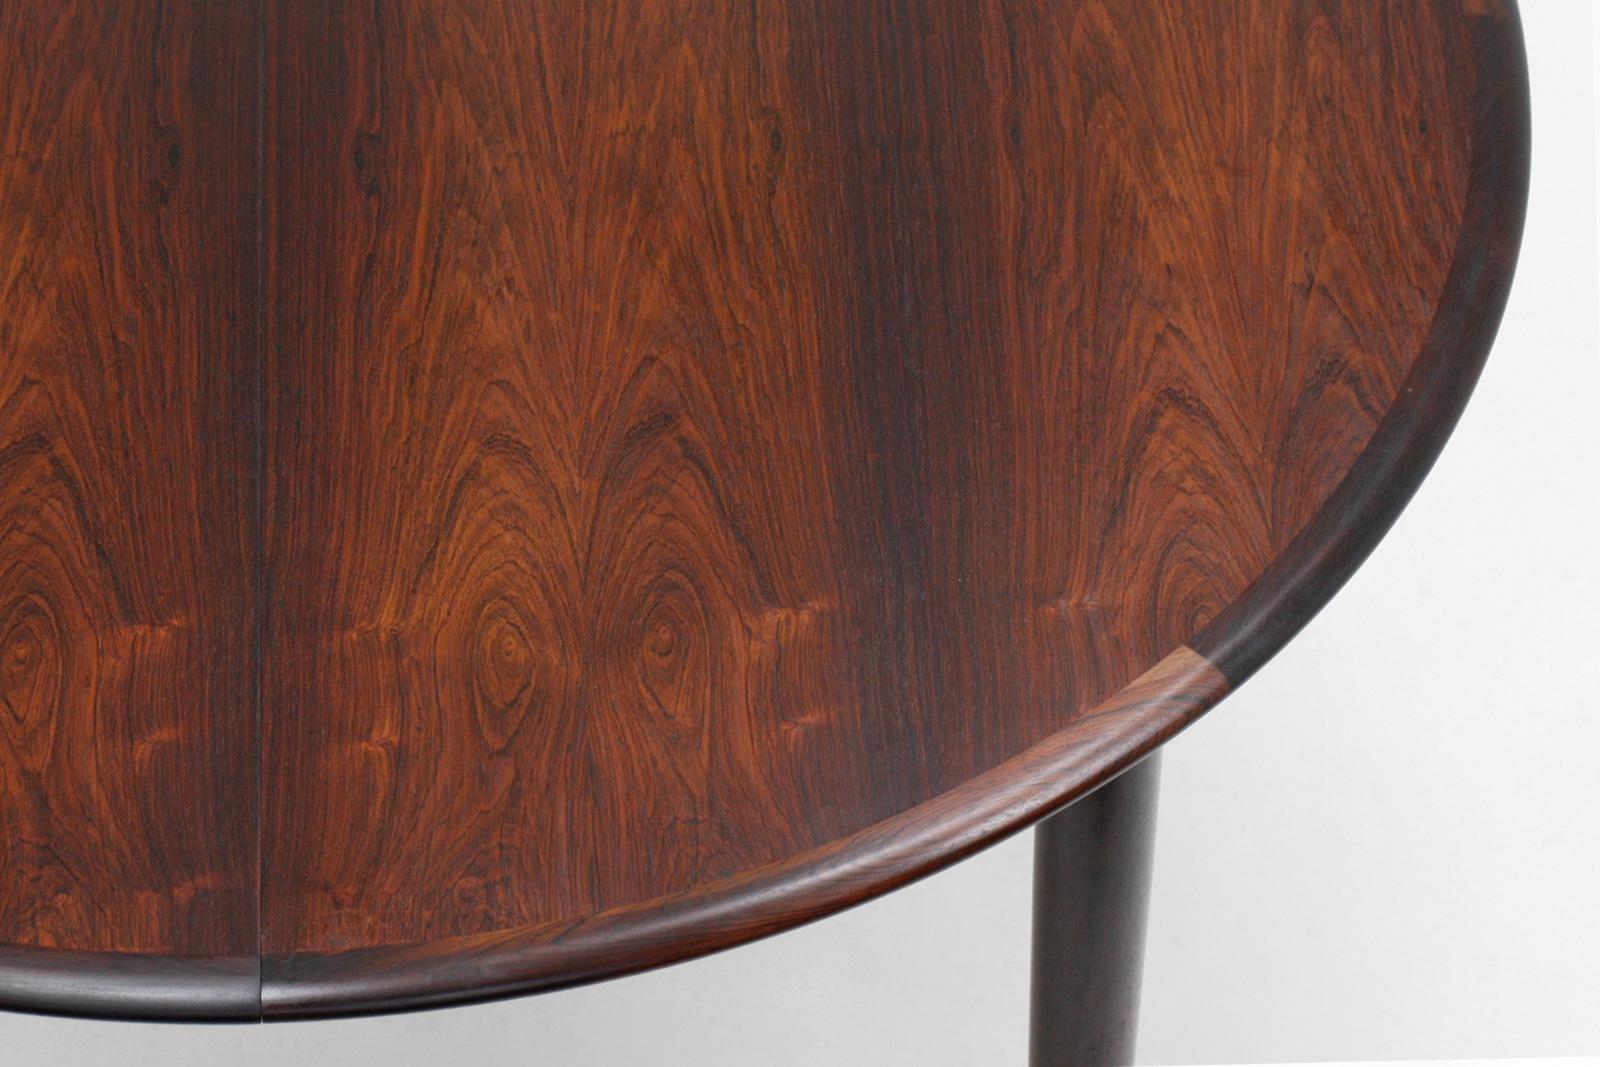 カイクリスチャンセン,ダイニングテーブル,丸型,ローズウッド,北欧,デザイナーズ,家具